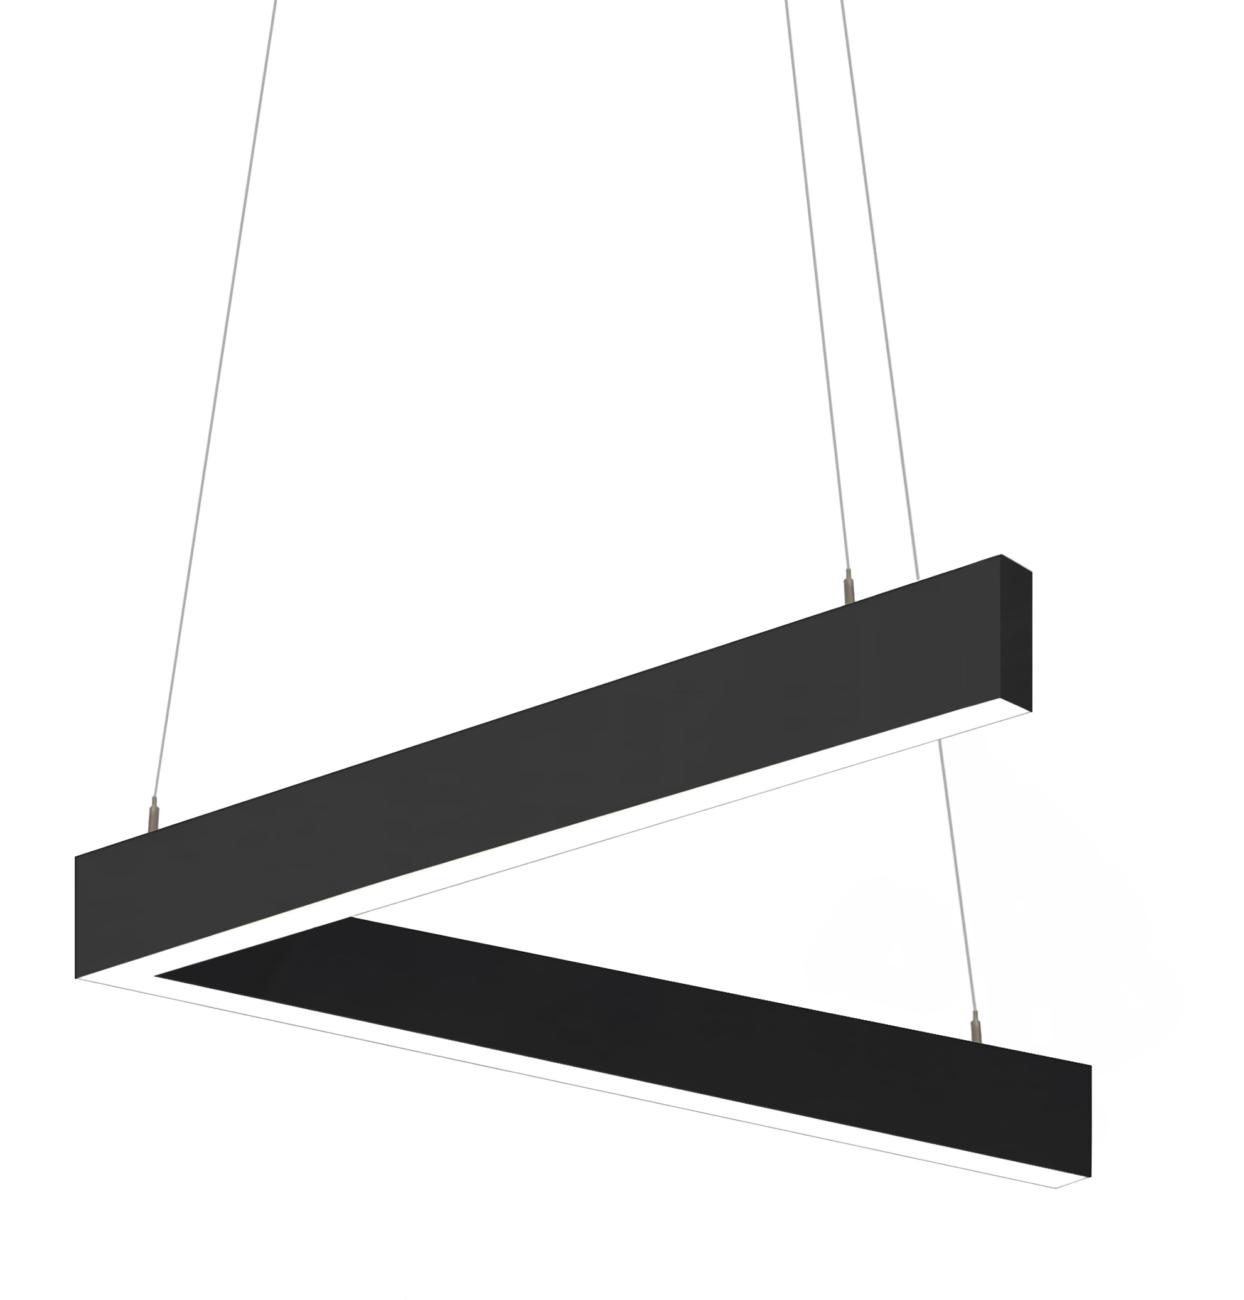 Светильник Style-3567. 1000×1250мм. 4000К/3000К. 38W/81W купить в Санкт-Петербурге